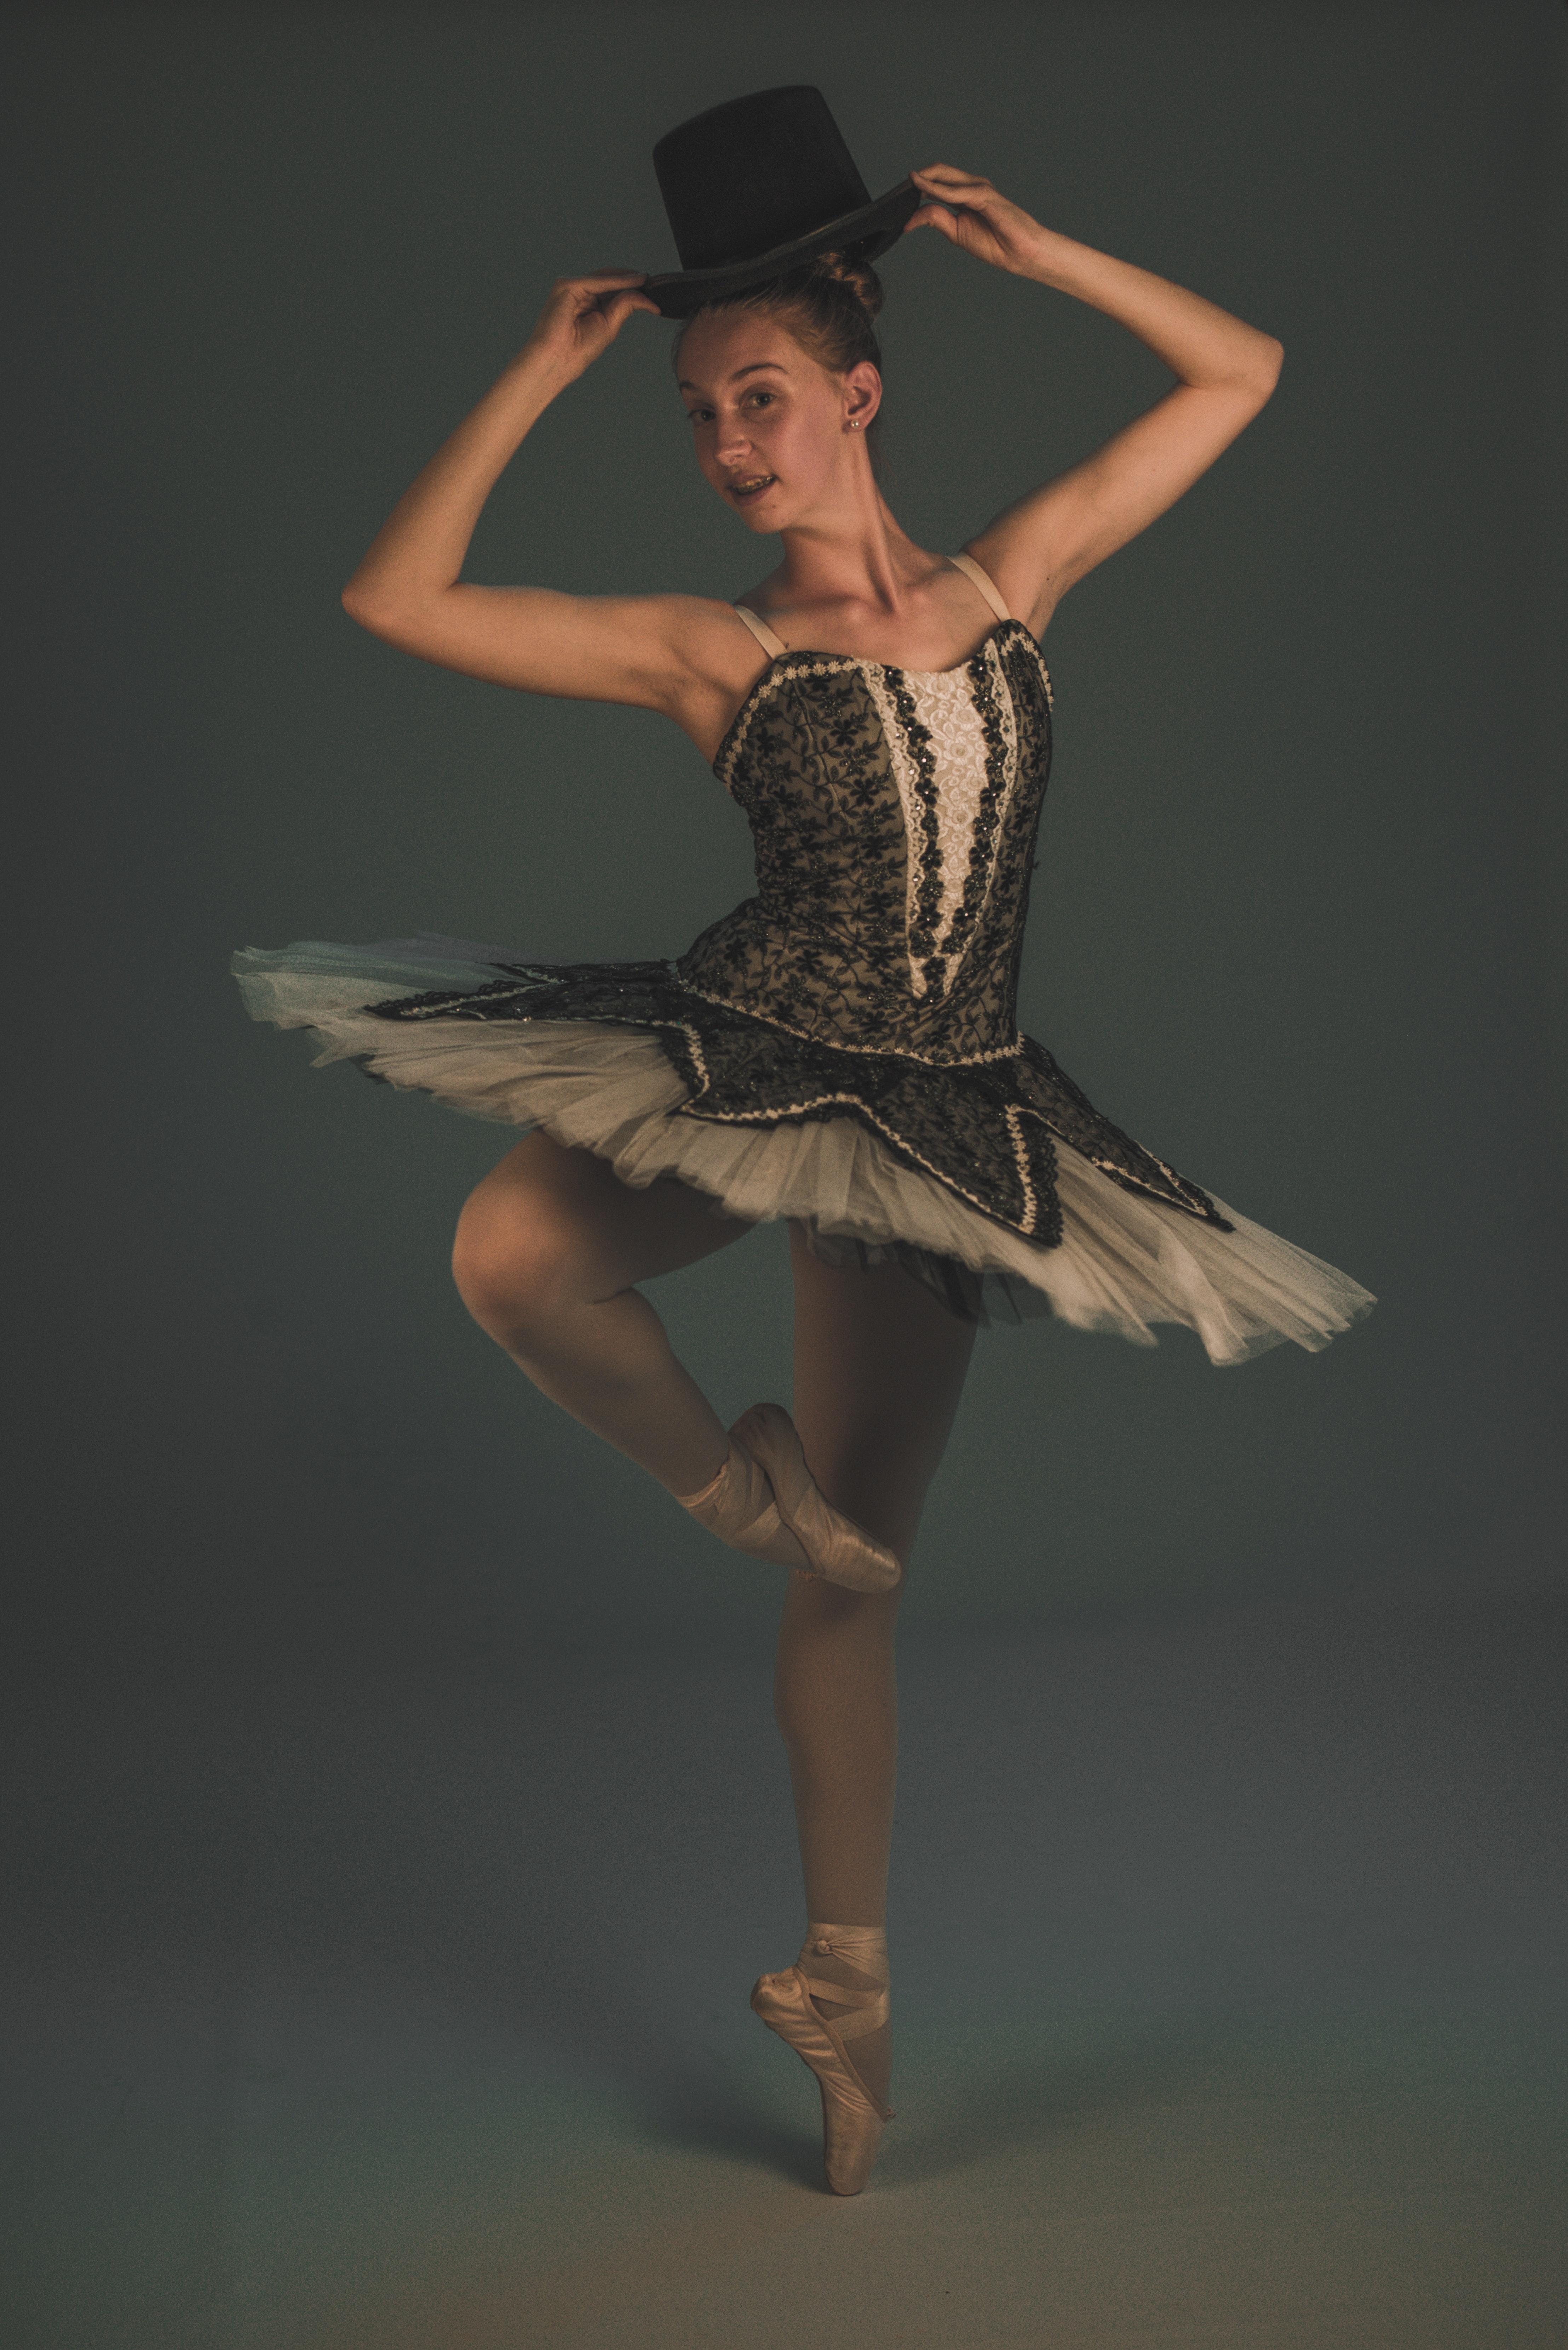 egyensúly balerina balett Balett táncos balettcipők szép tánc dance art  táncos tánc ruha divat divatos női 2aad9d76e3